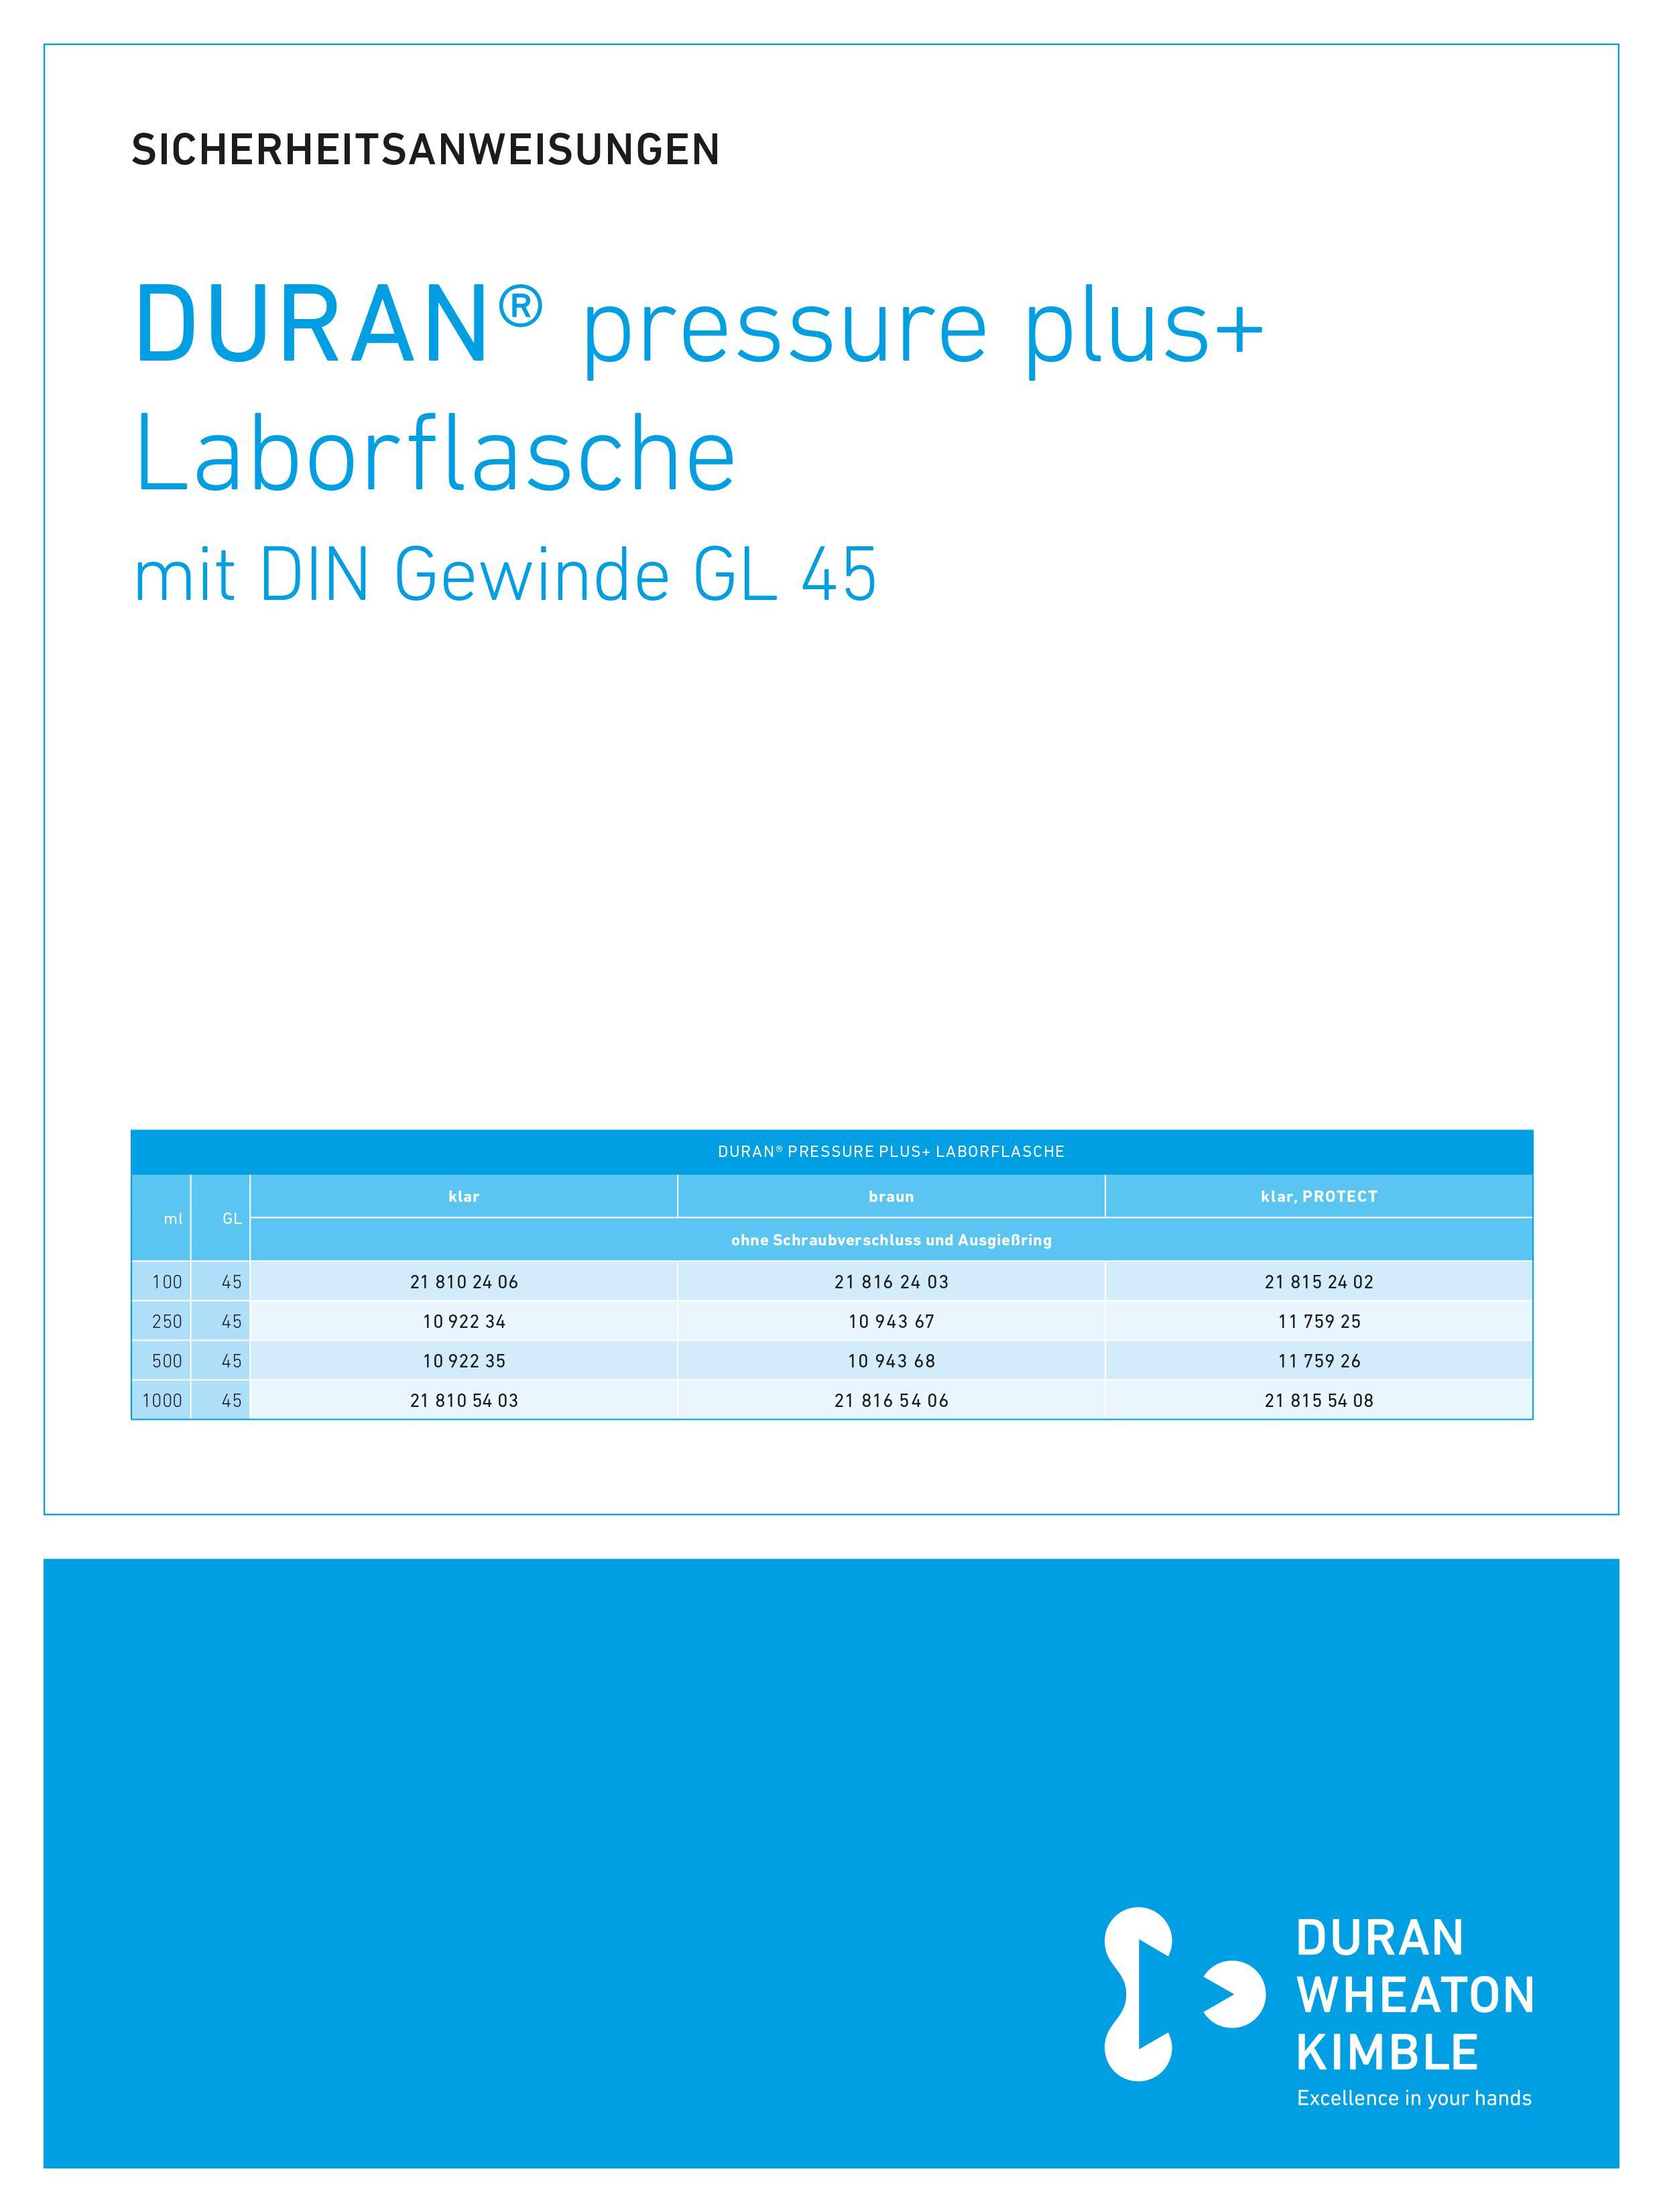 DWK SICHERHEITSANWEISUNGEN DURAN® pressure plus+ Bottle